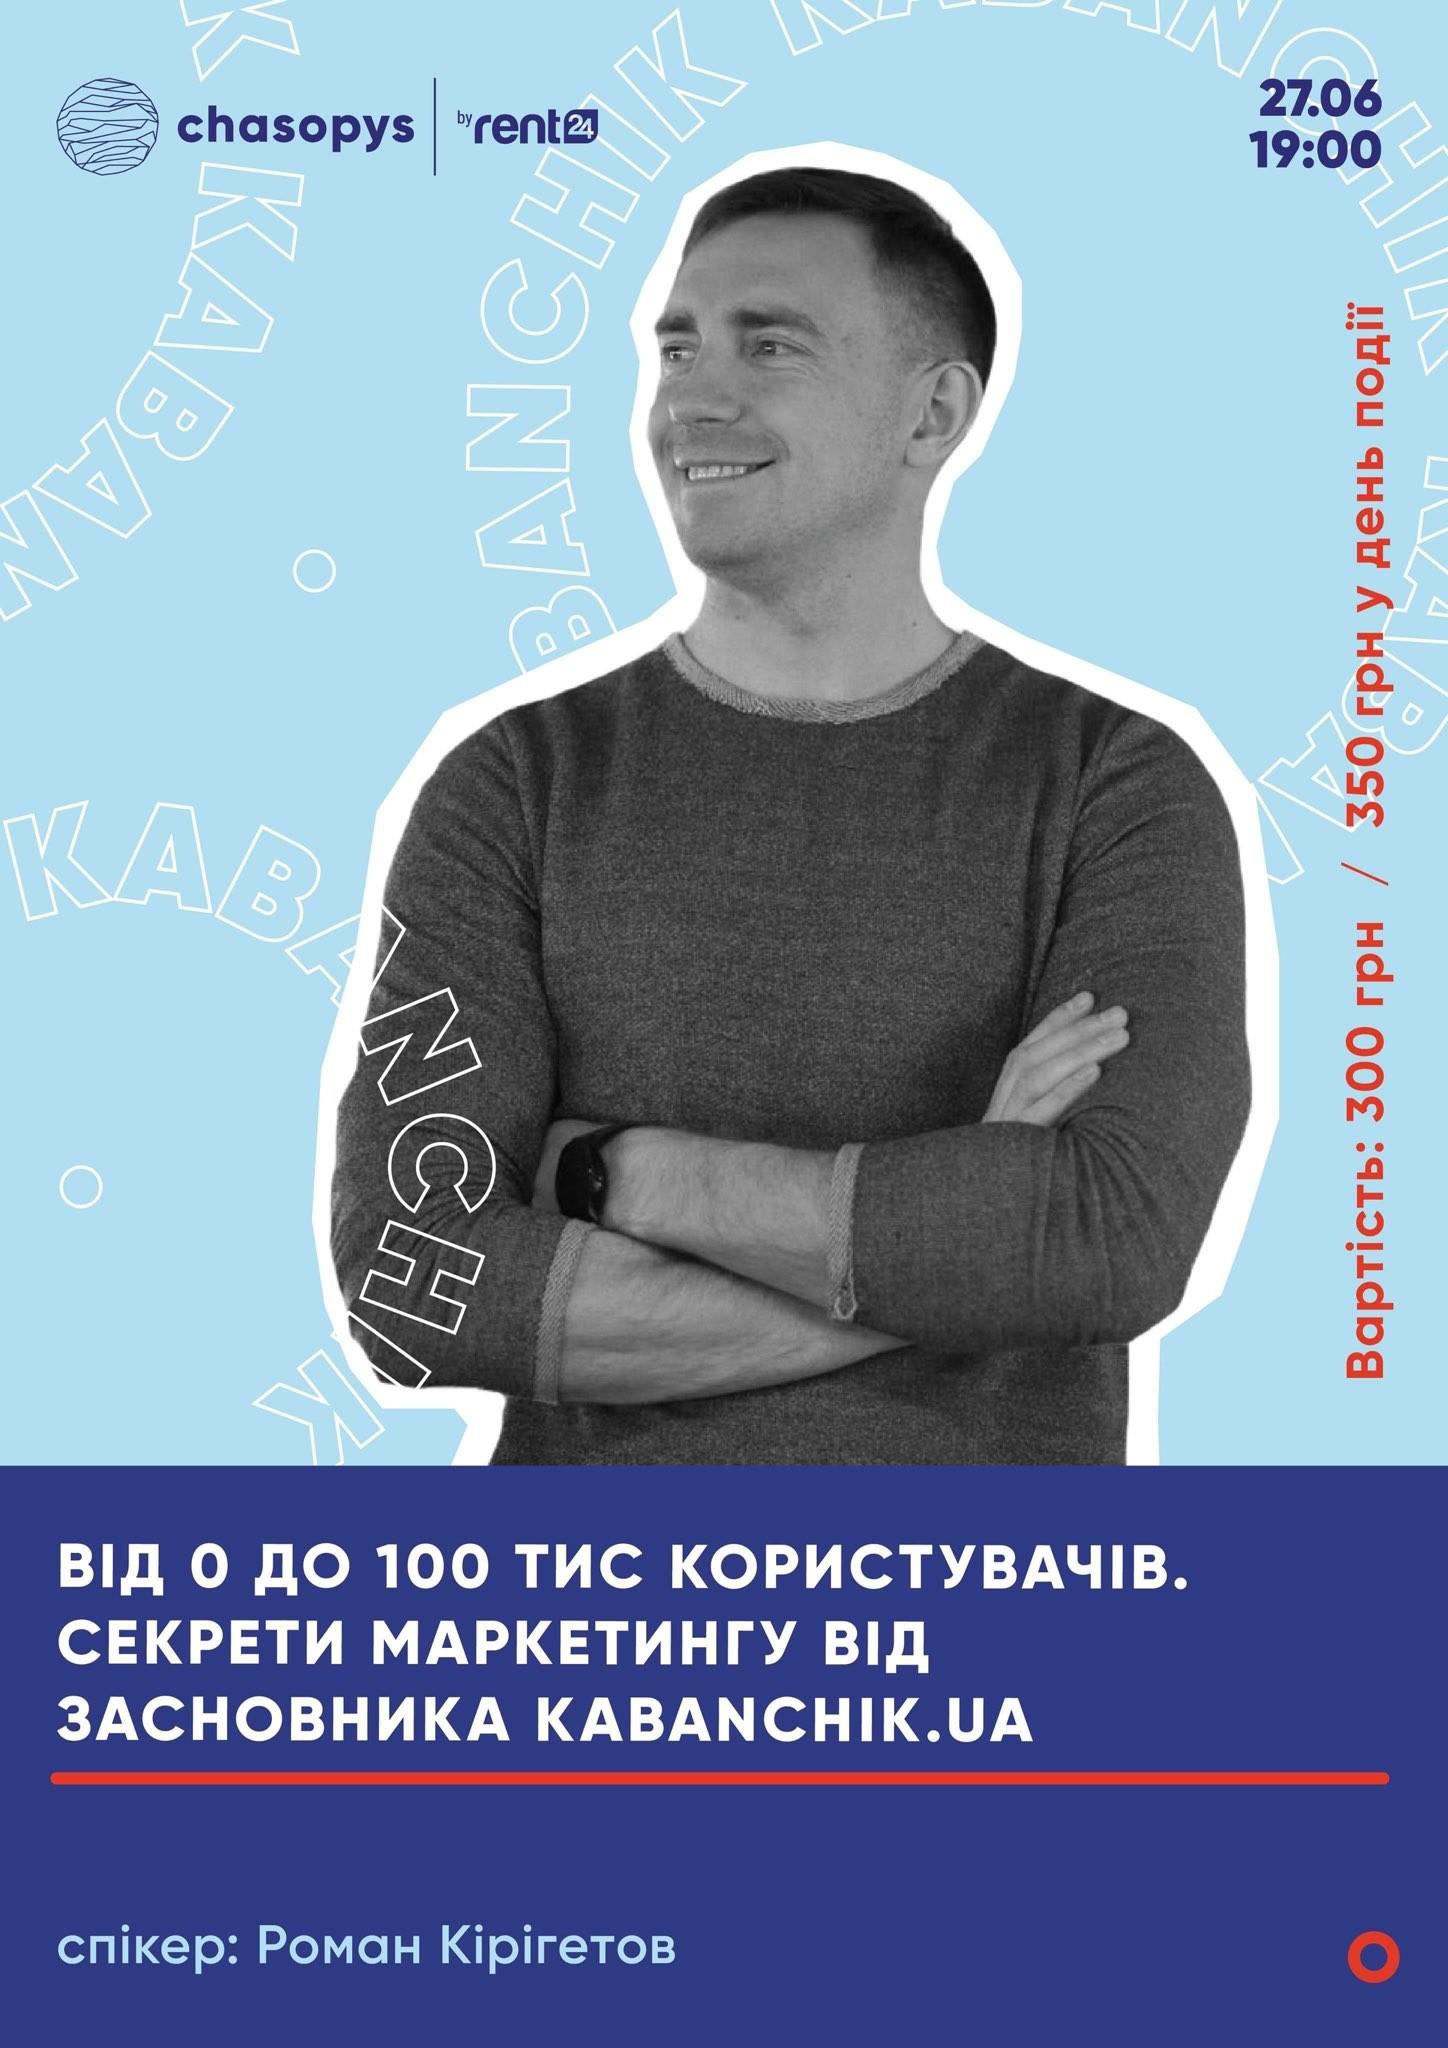 Билеты Від 0 до 100 тис користувачів. Секрети маркетингу від засновника Kabanchik.ua